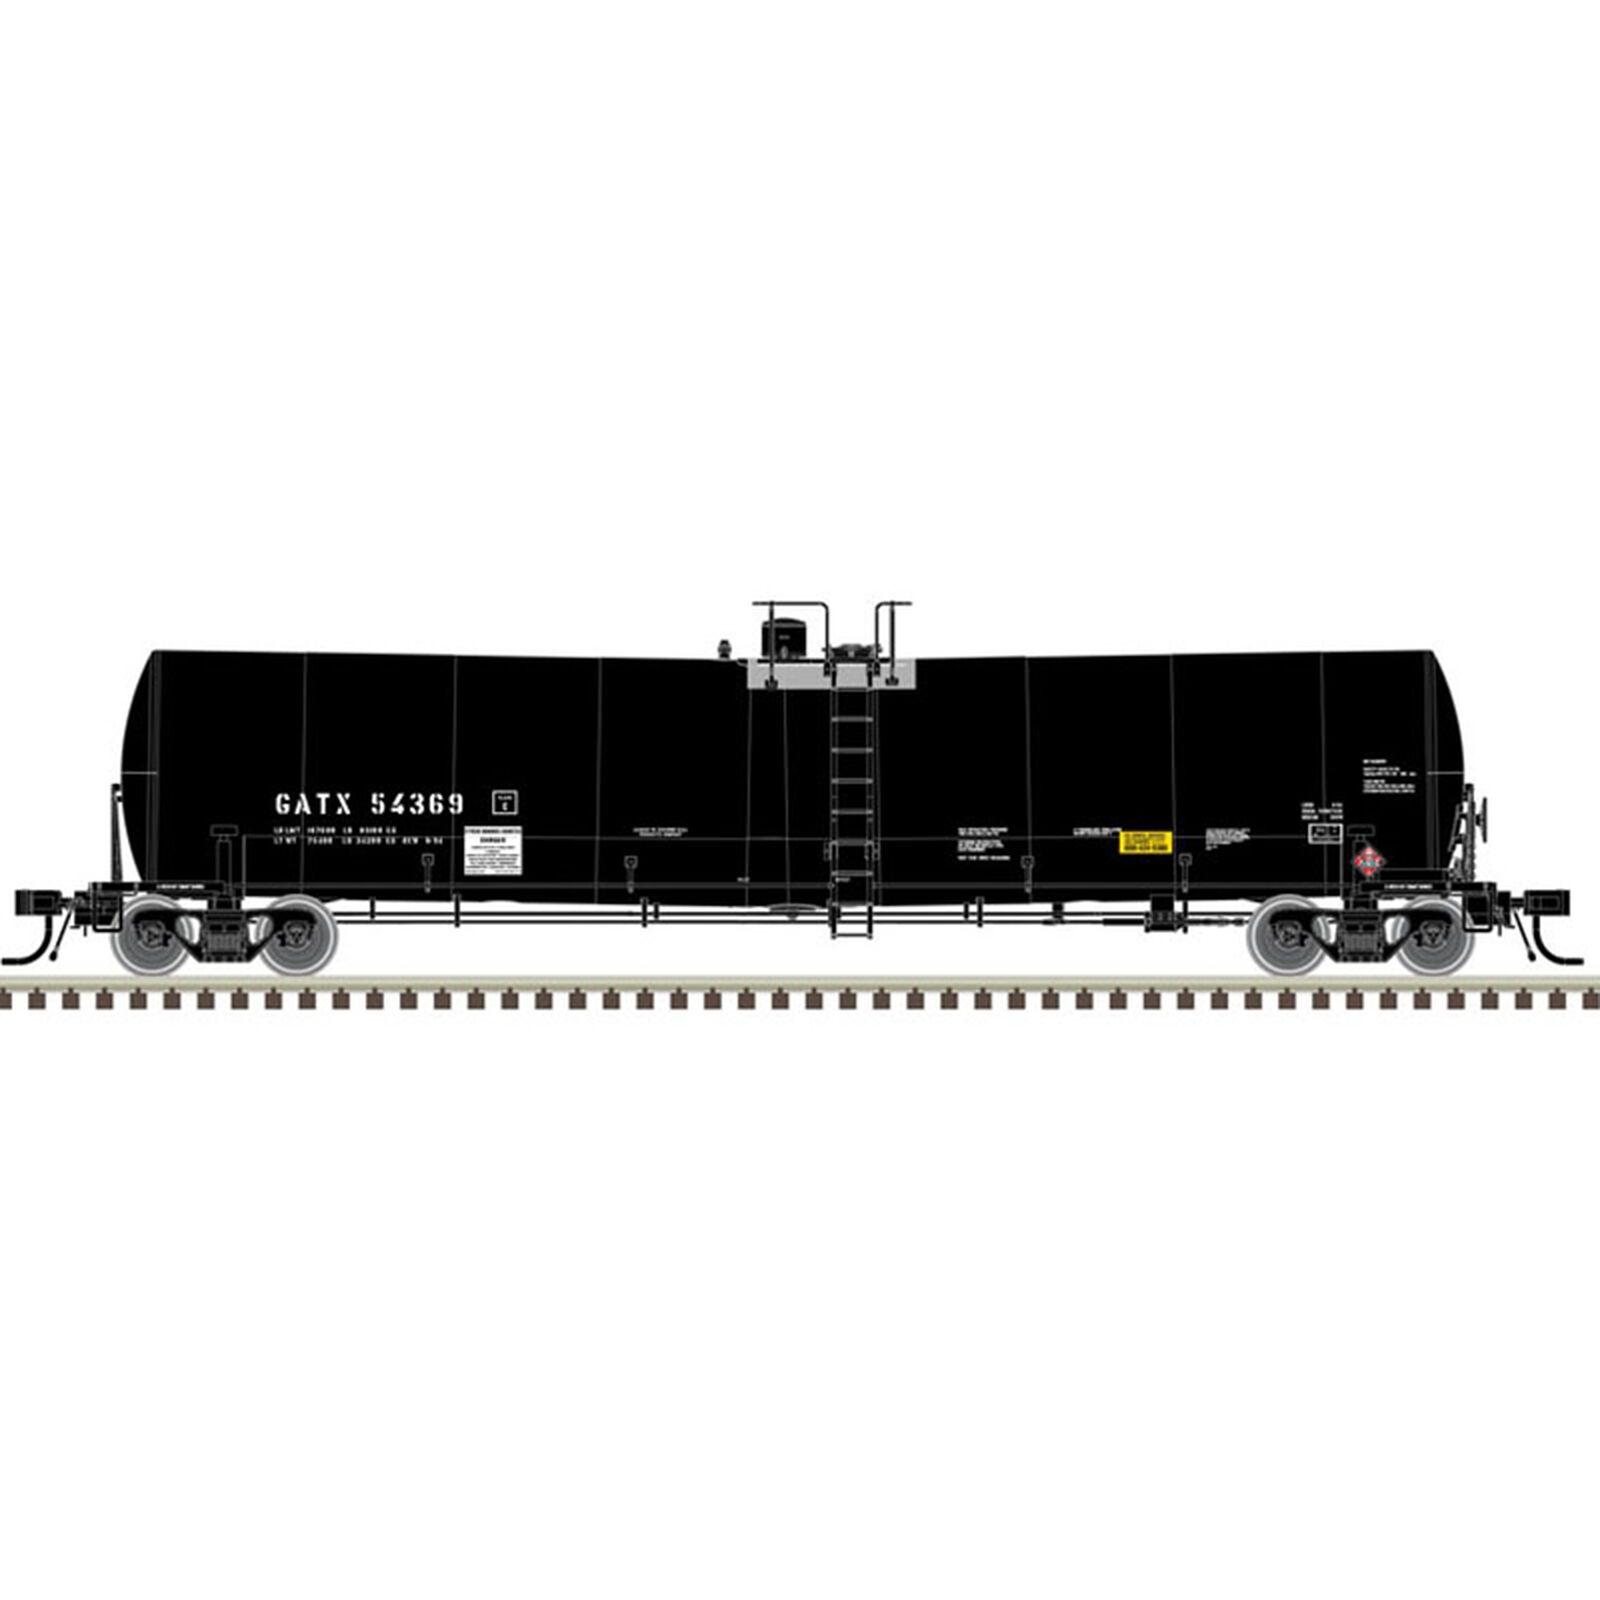 N 25 000-Gallon Tank GATX #54380